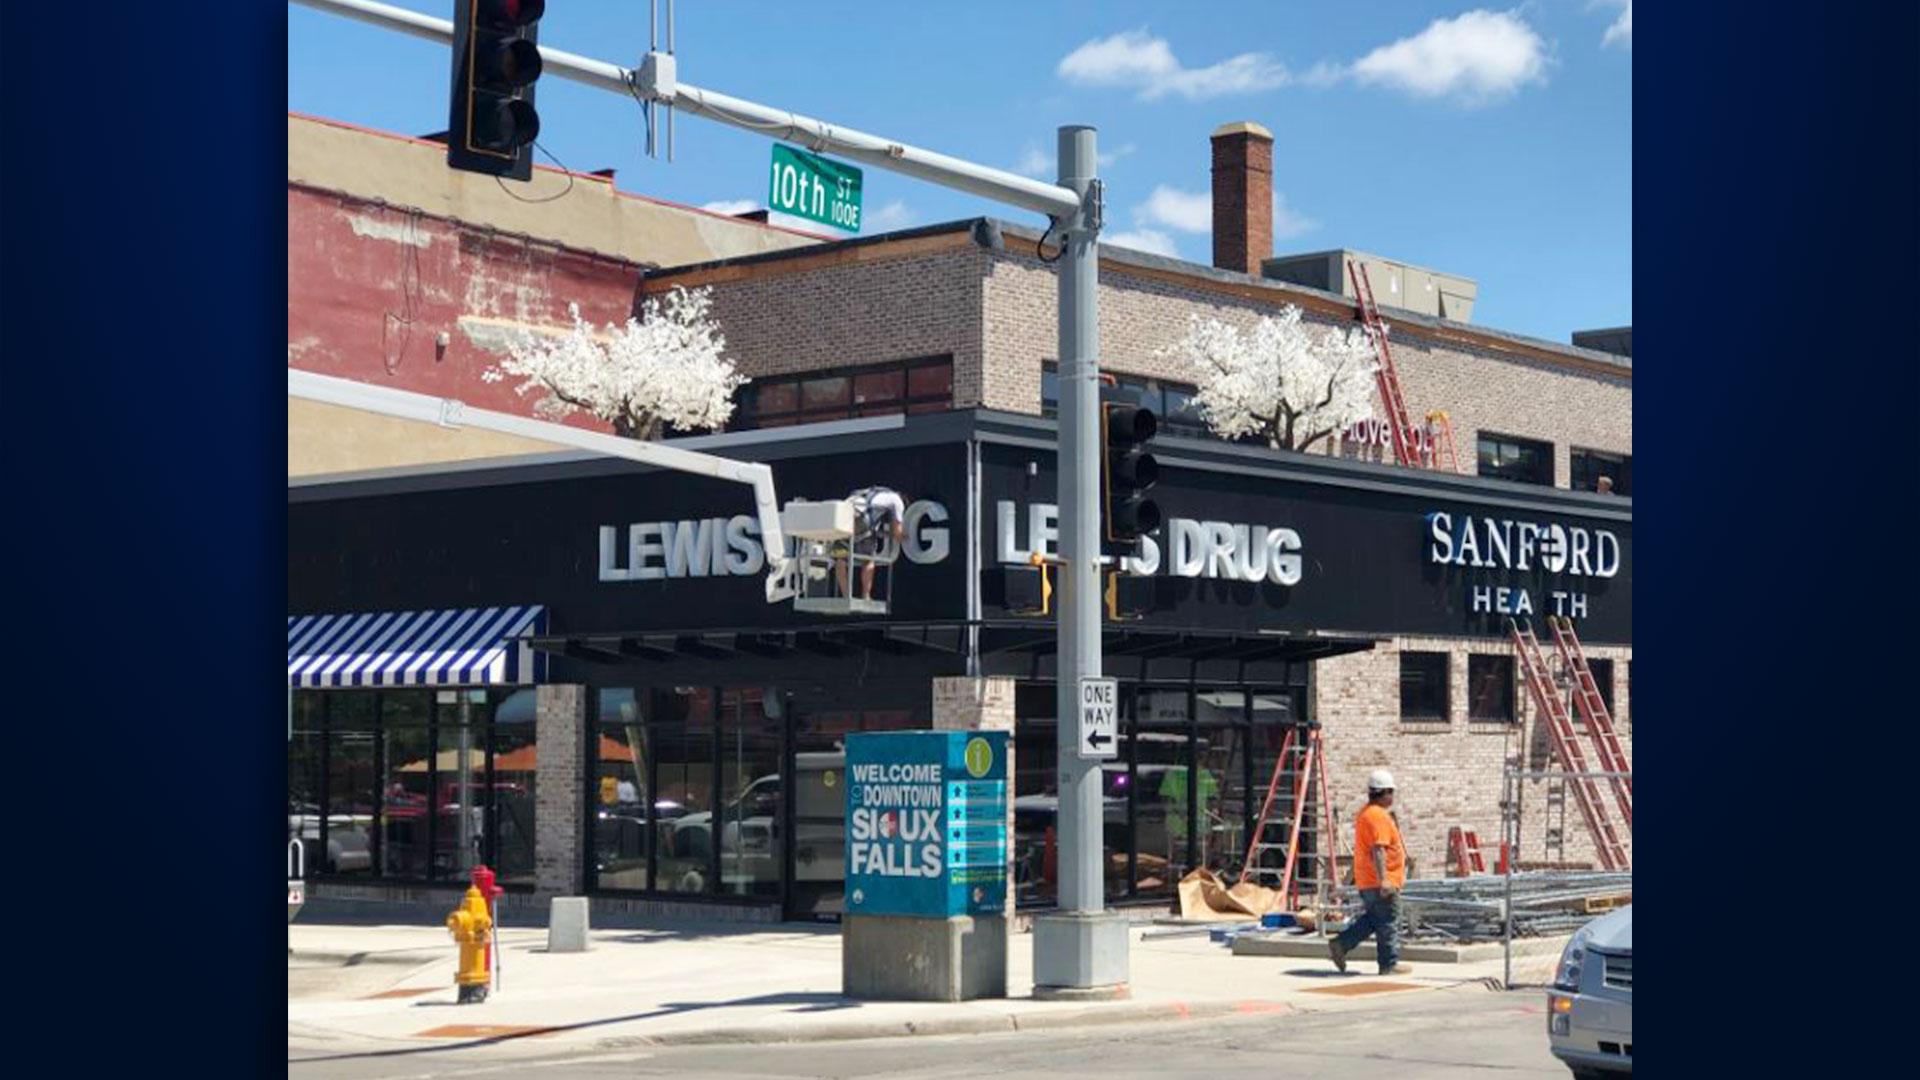 KELO Downtown Lewis Drug